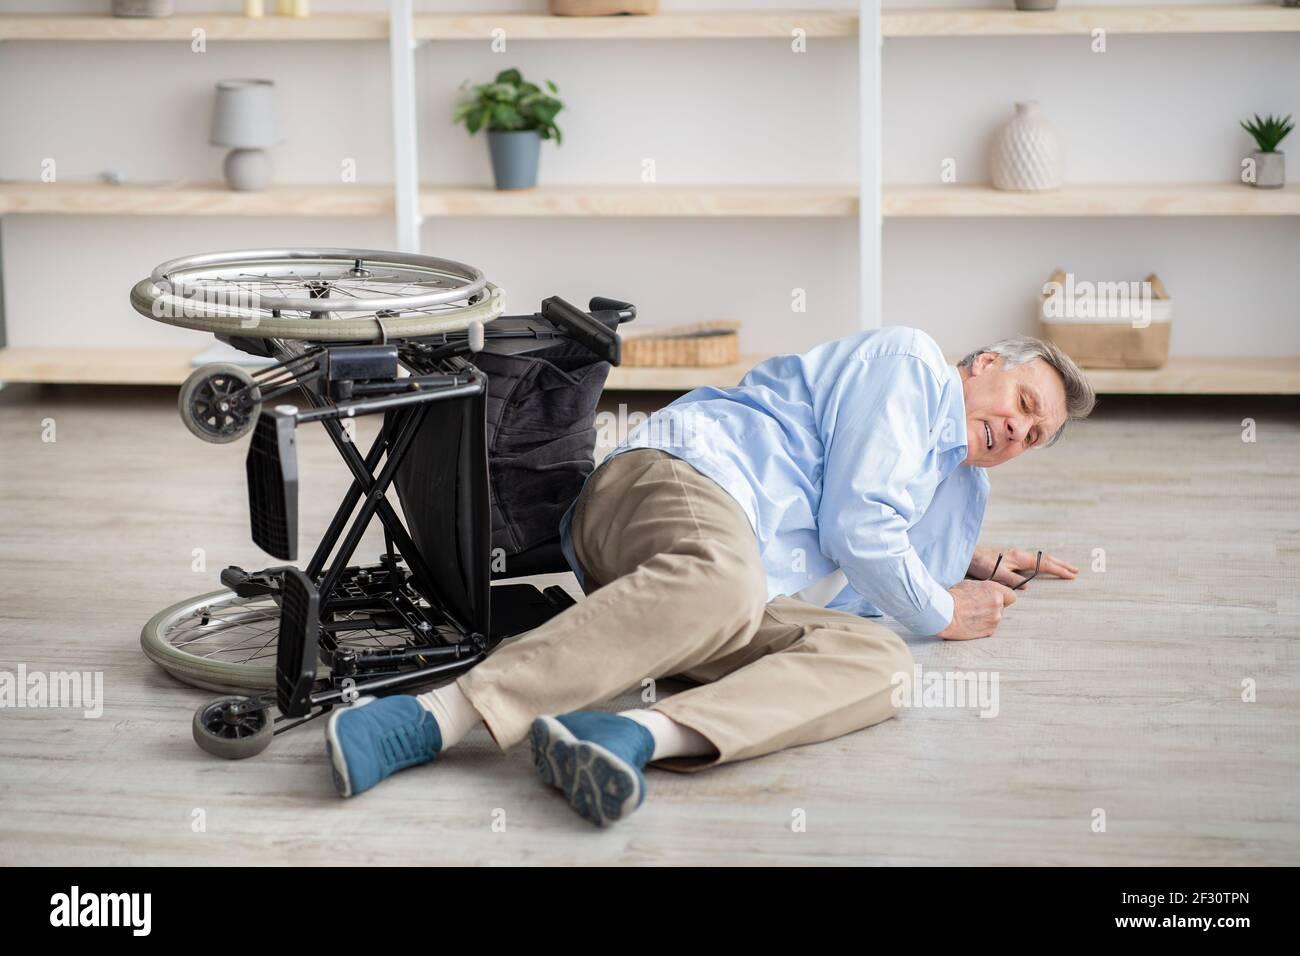 Uomo anziano con disabilità fisica sdraiato sul pavimento dopo la caduta giù dalla sua sedia a rotelle a casa Foto Stock